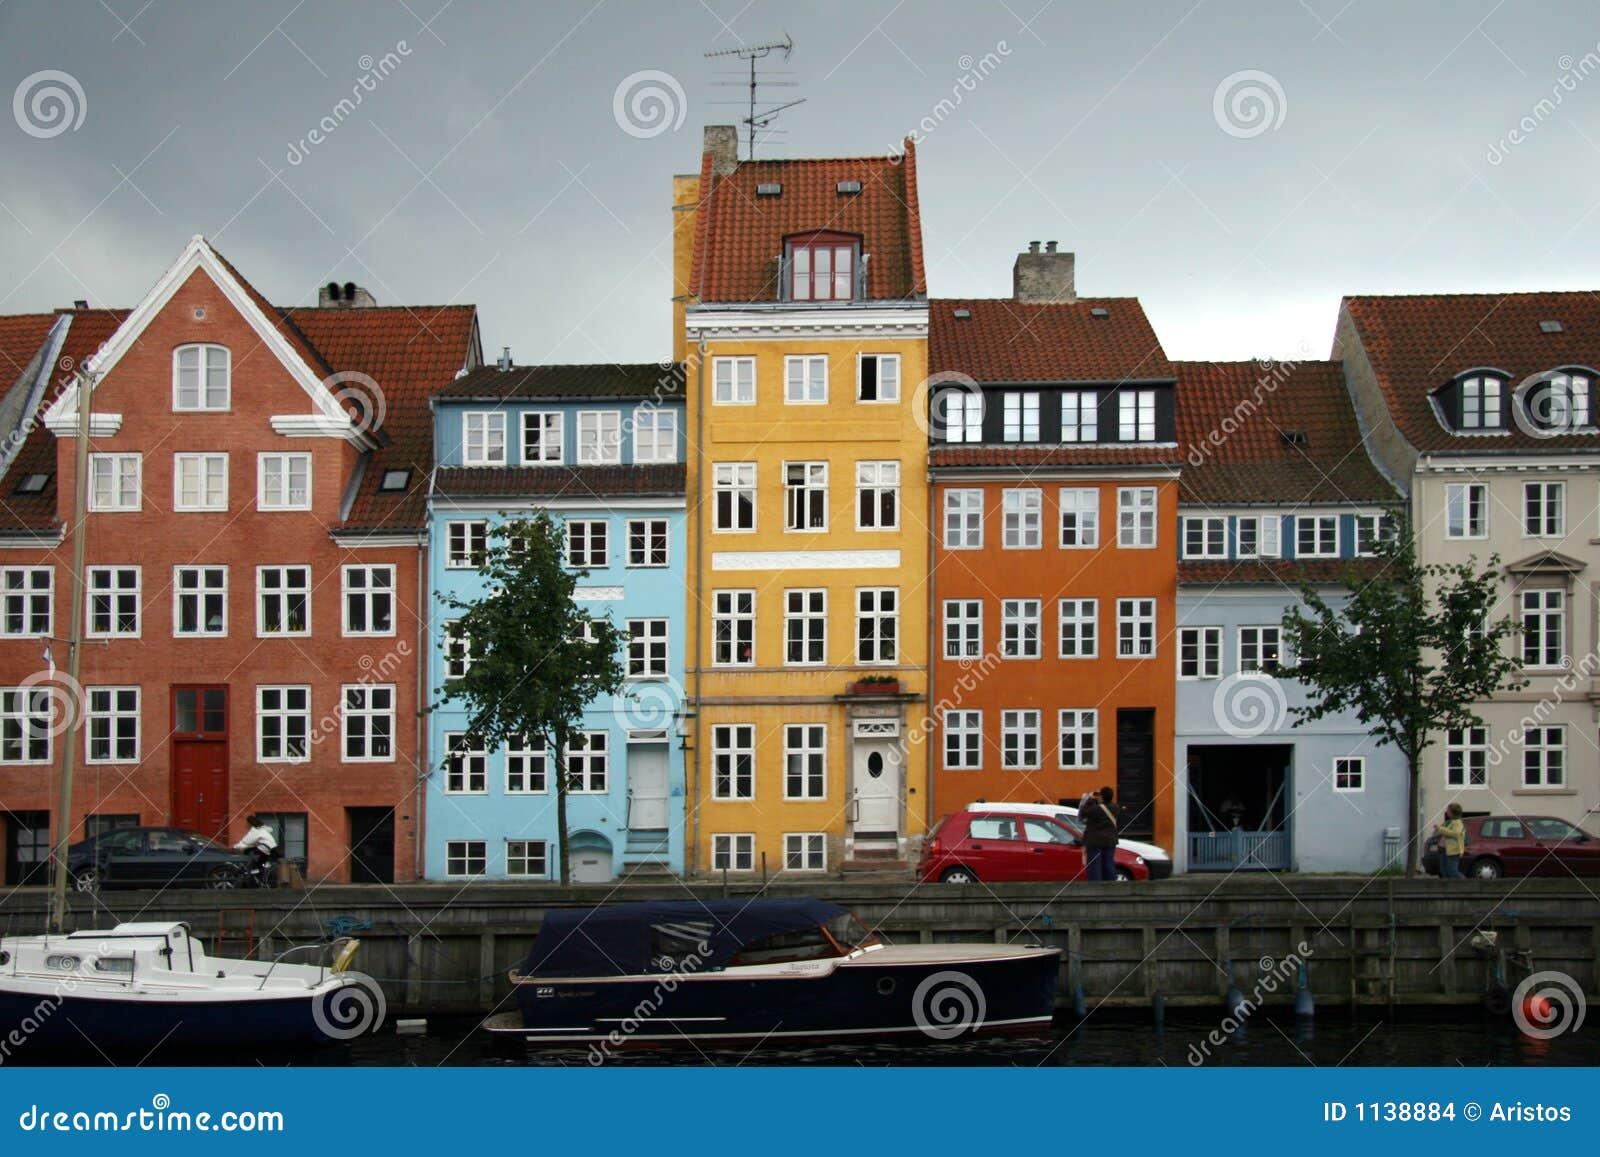 Kristianshavn Copenhagen Denmark Stock Photo Image